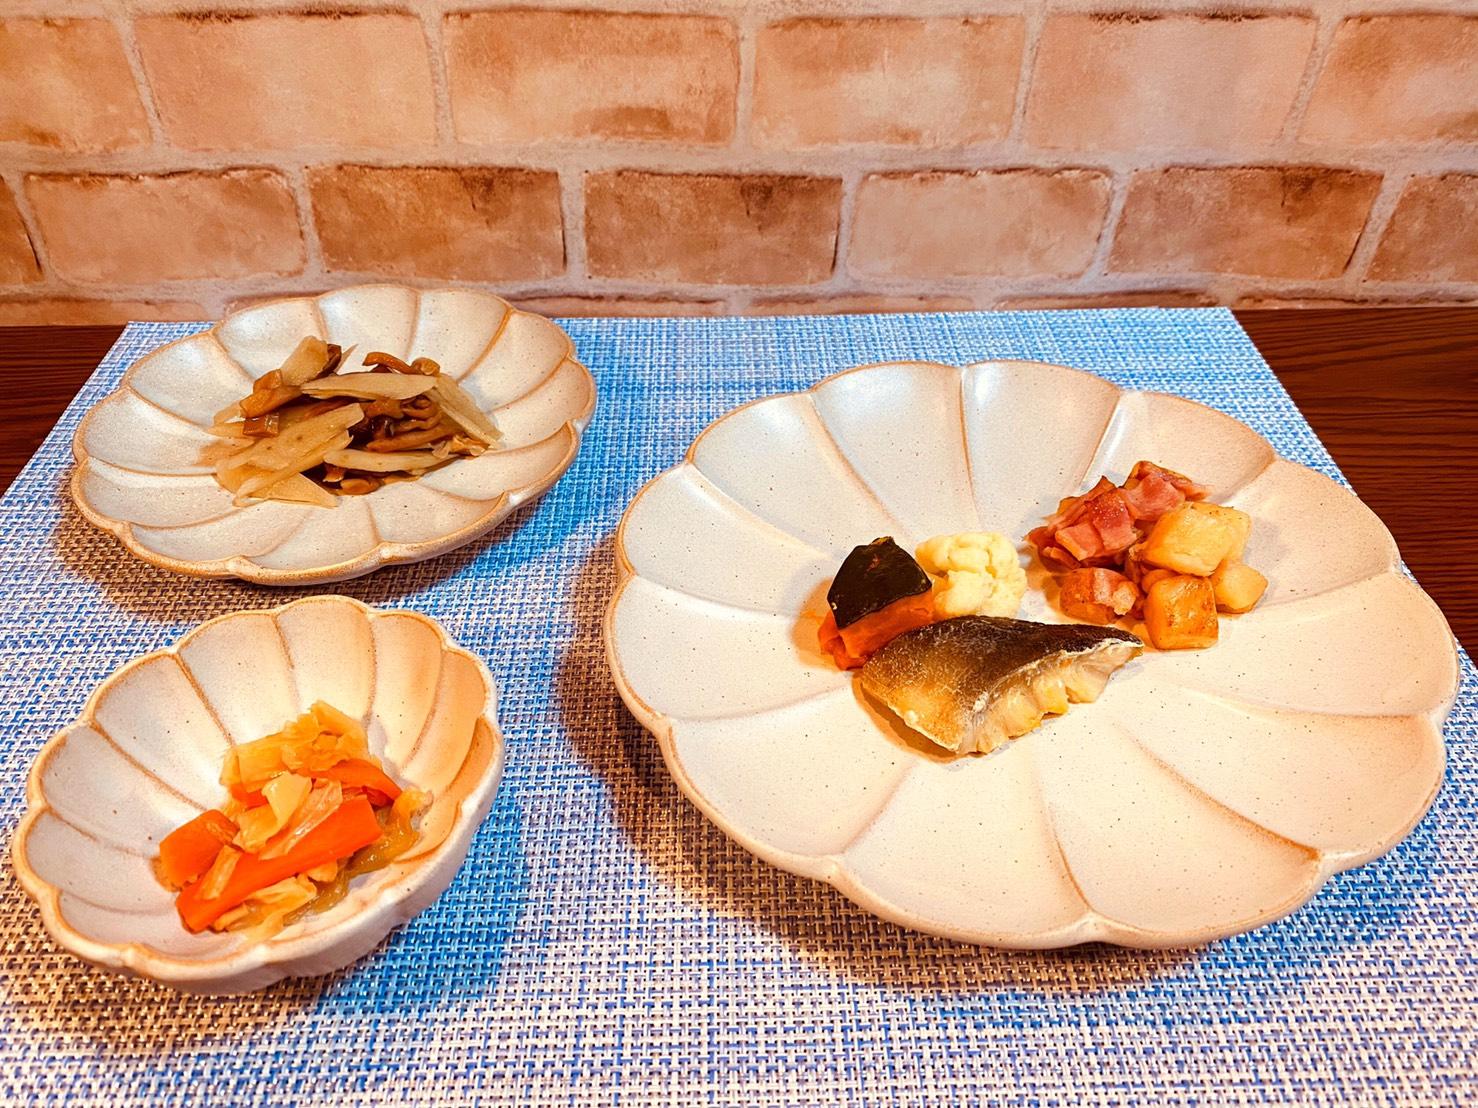 (メニューの一例)ほっけの醤油漬け焼、ごぼうの炒め煮、ジャーマンポテト、キャベツとニンジンの和え物